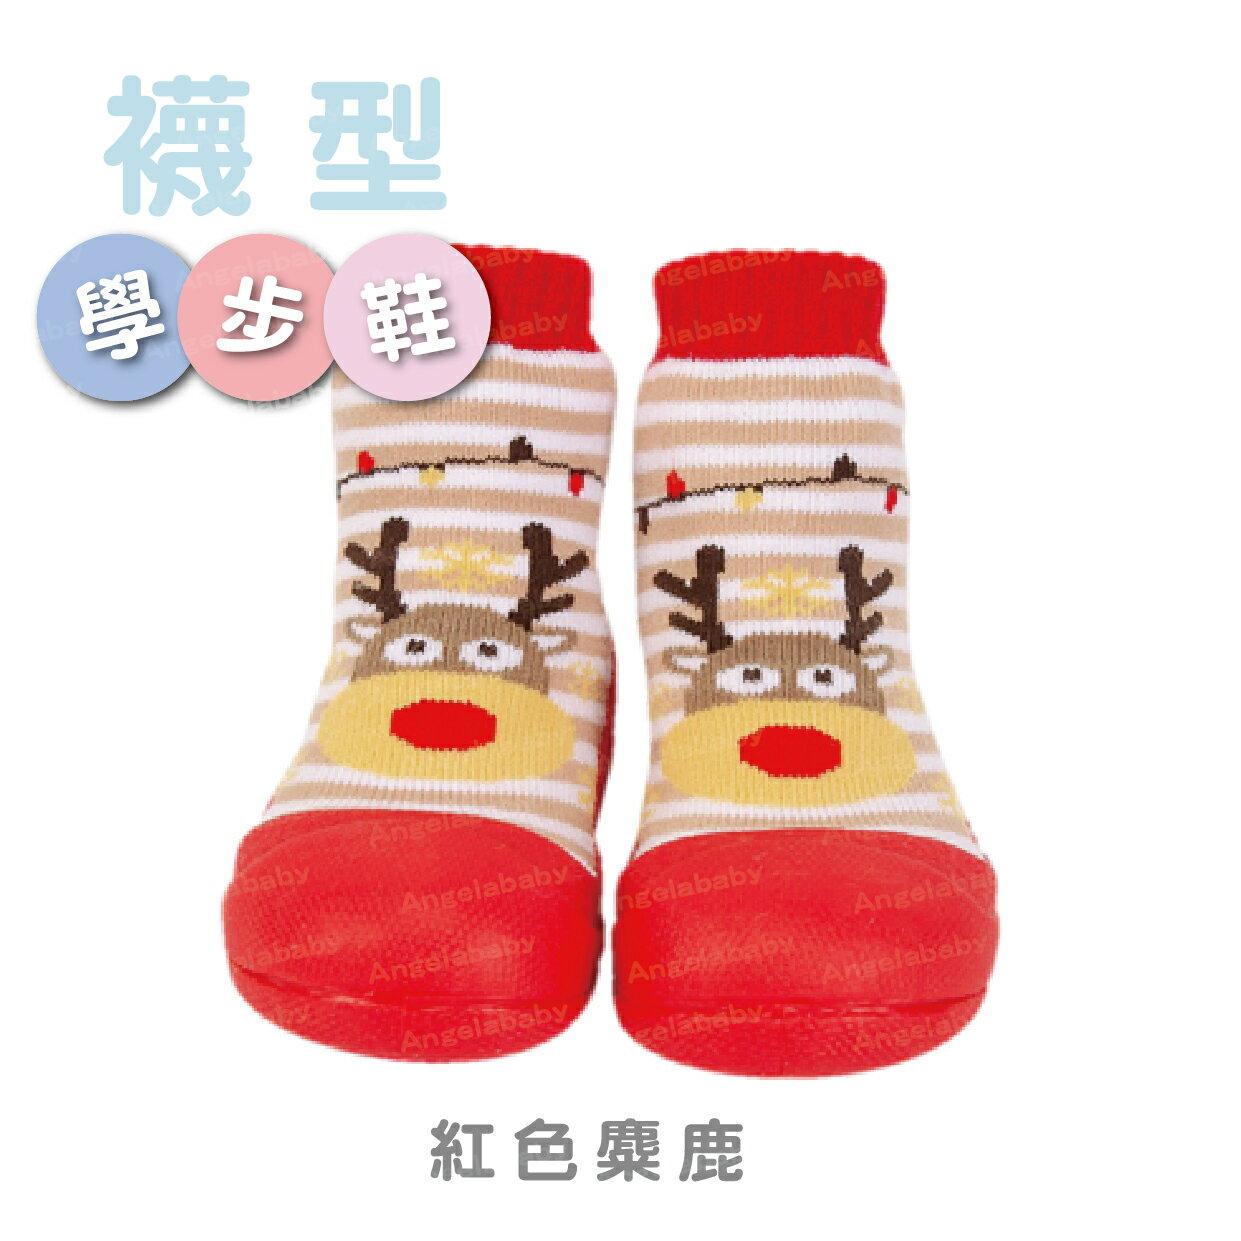 【培婗PeNi】英國品牌純棉毛圈襪鞋 / 幼兒學步鞋 / 襪型鞋 / 嬰兒鞋 1